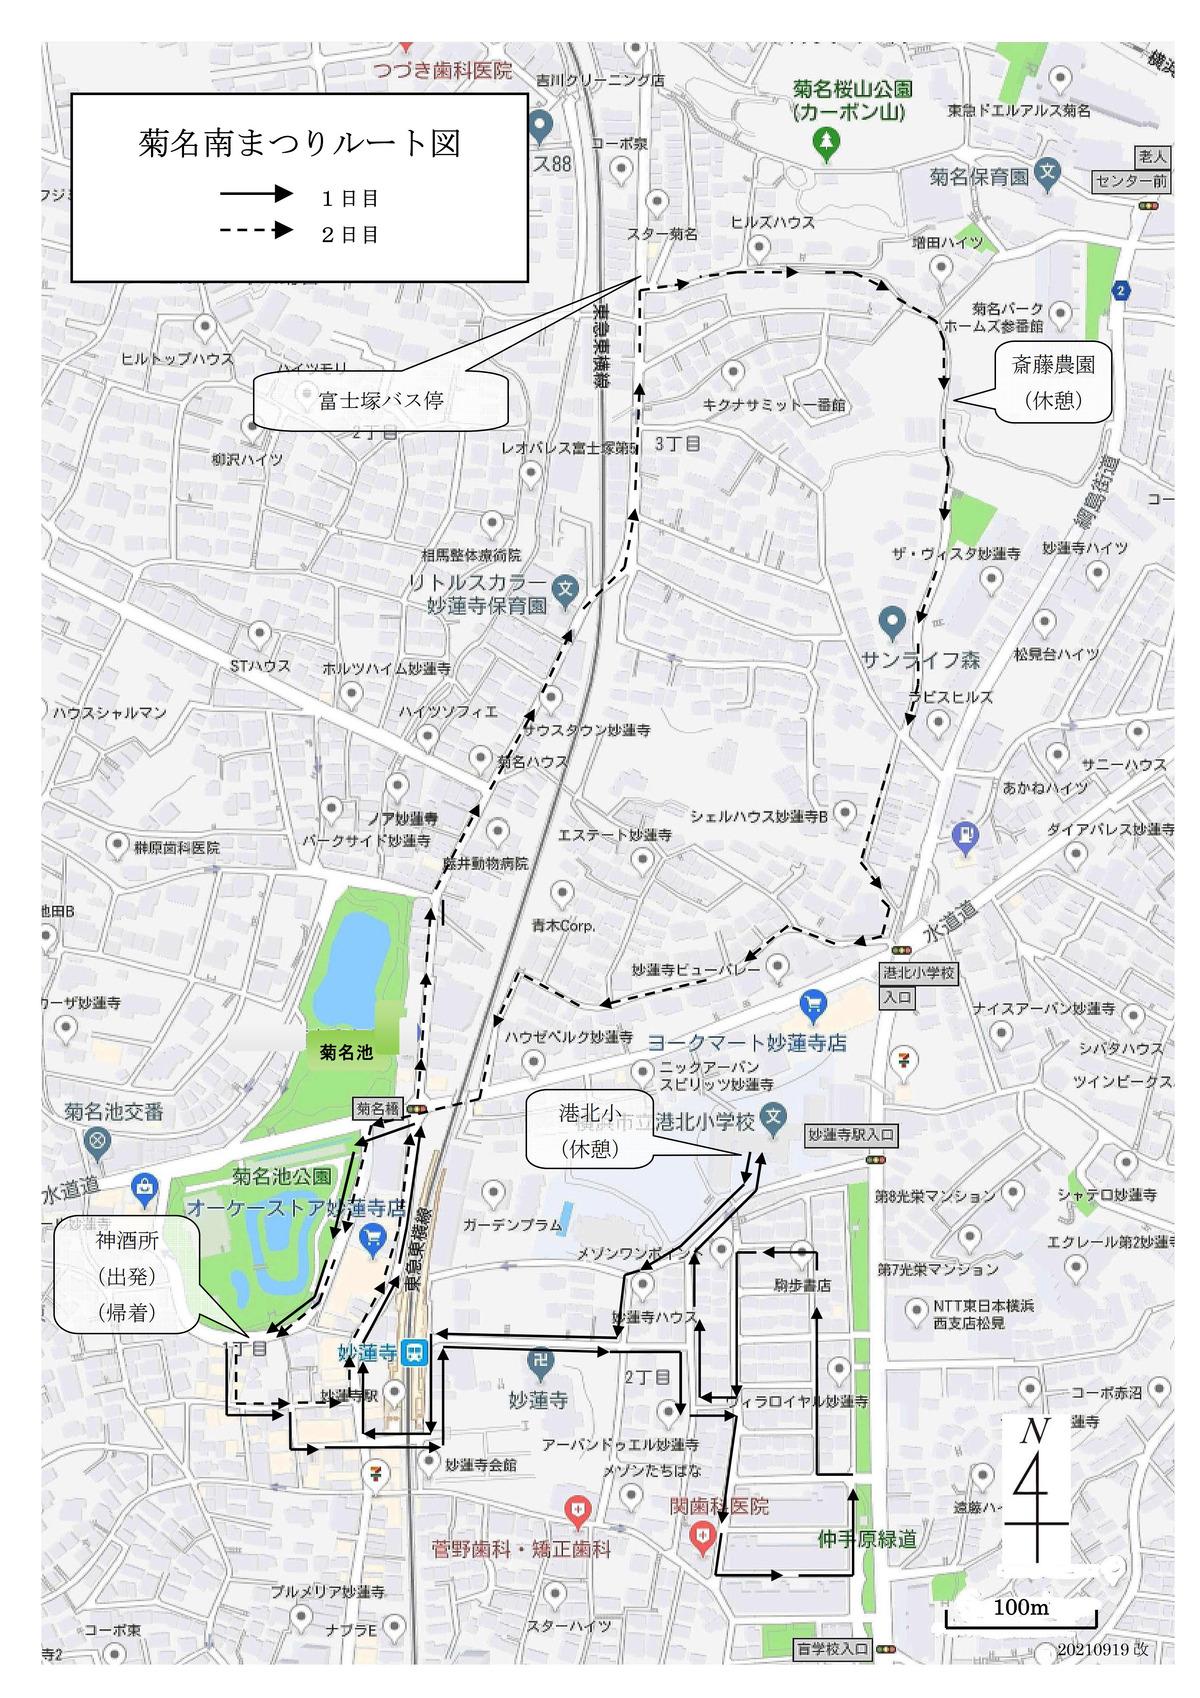 菊名南まつり2021行程表とルート図_20210920改_2